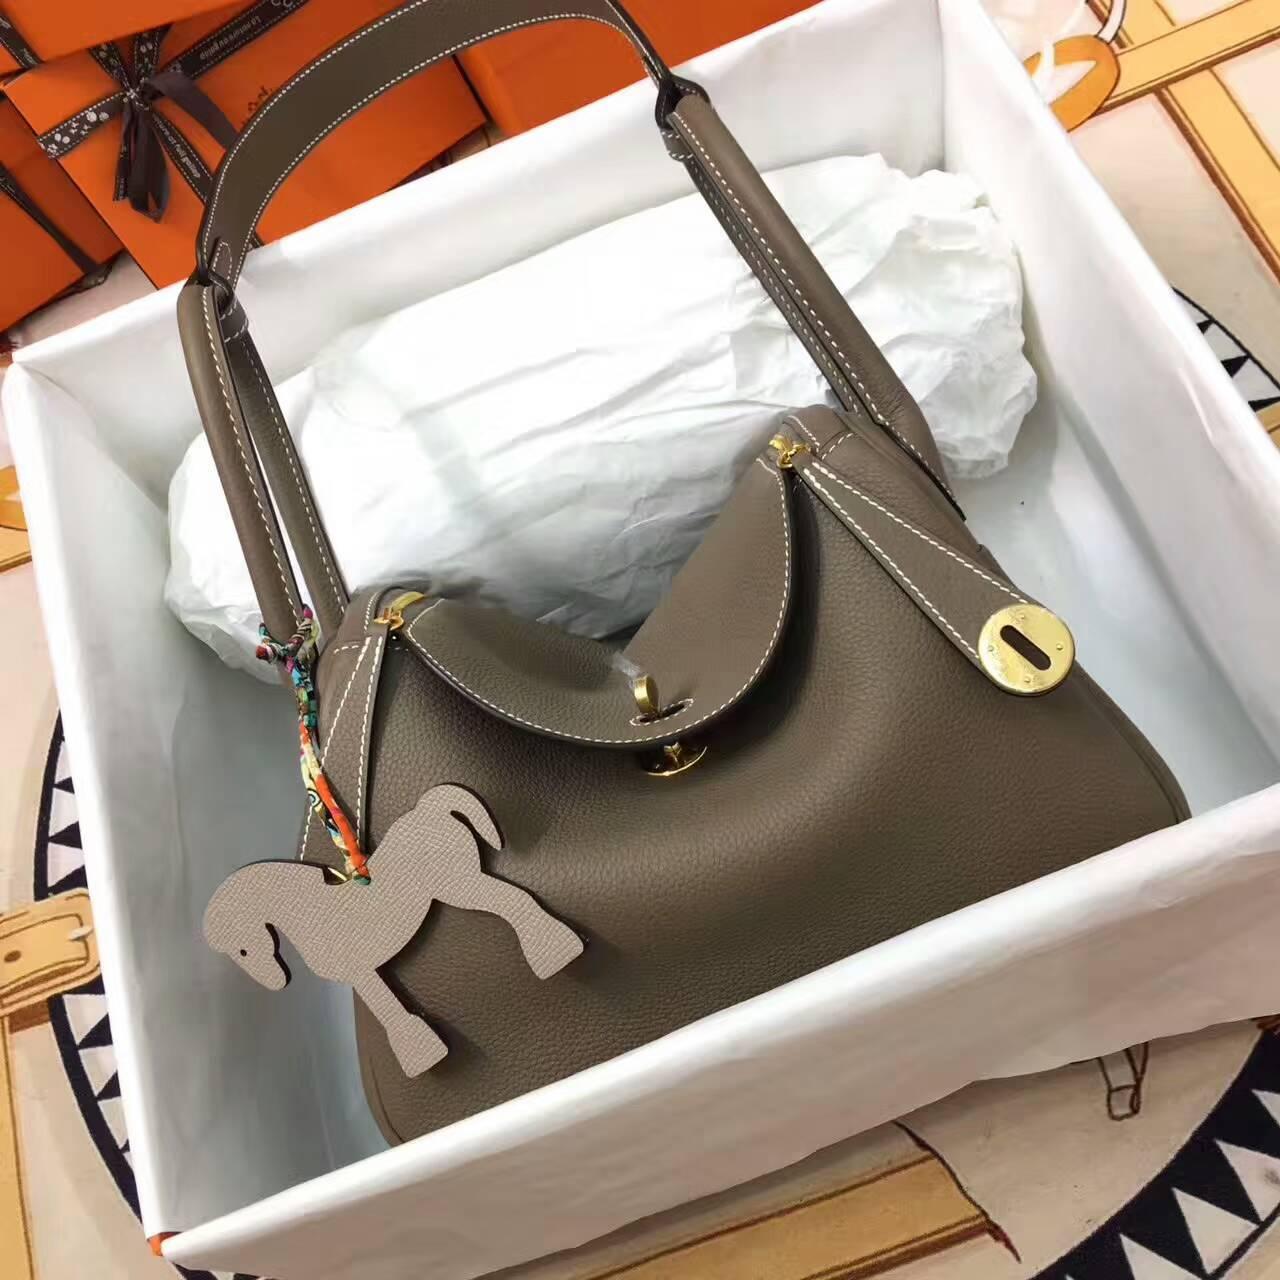 爱马仕Lindy包包 26cm Clemence 法国原产Togo大牛皮 大象灰 金扣